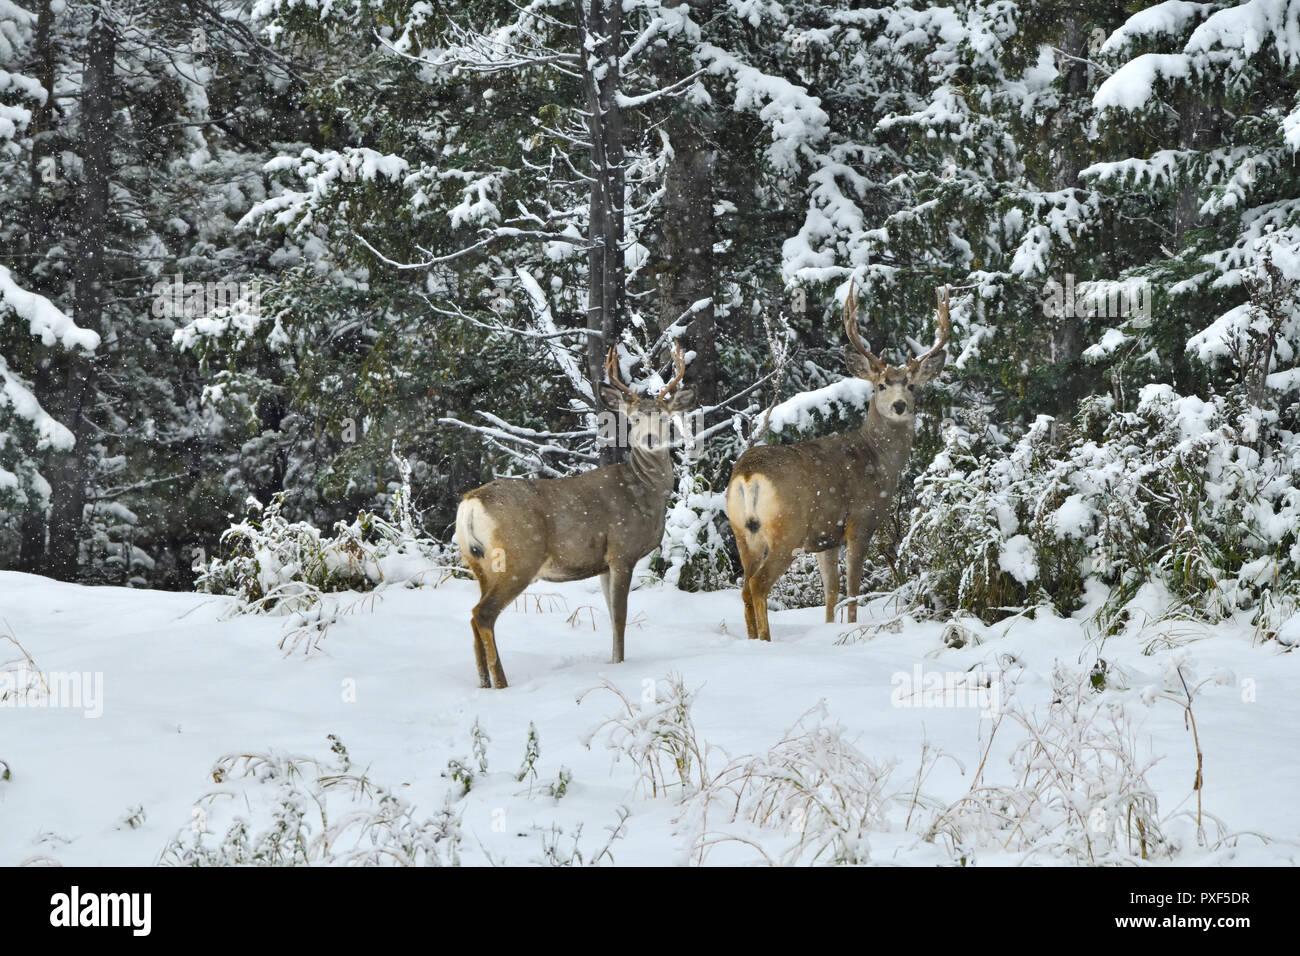 Dos ciervos mula Bucks 'Odocoileus hemionus', de pie en el borde de su hábitat forestal en los inviernos primera nieve en la zona rural de Alberta Canadá. Foto de stock